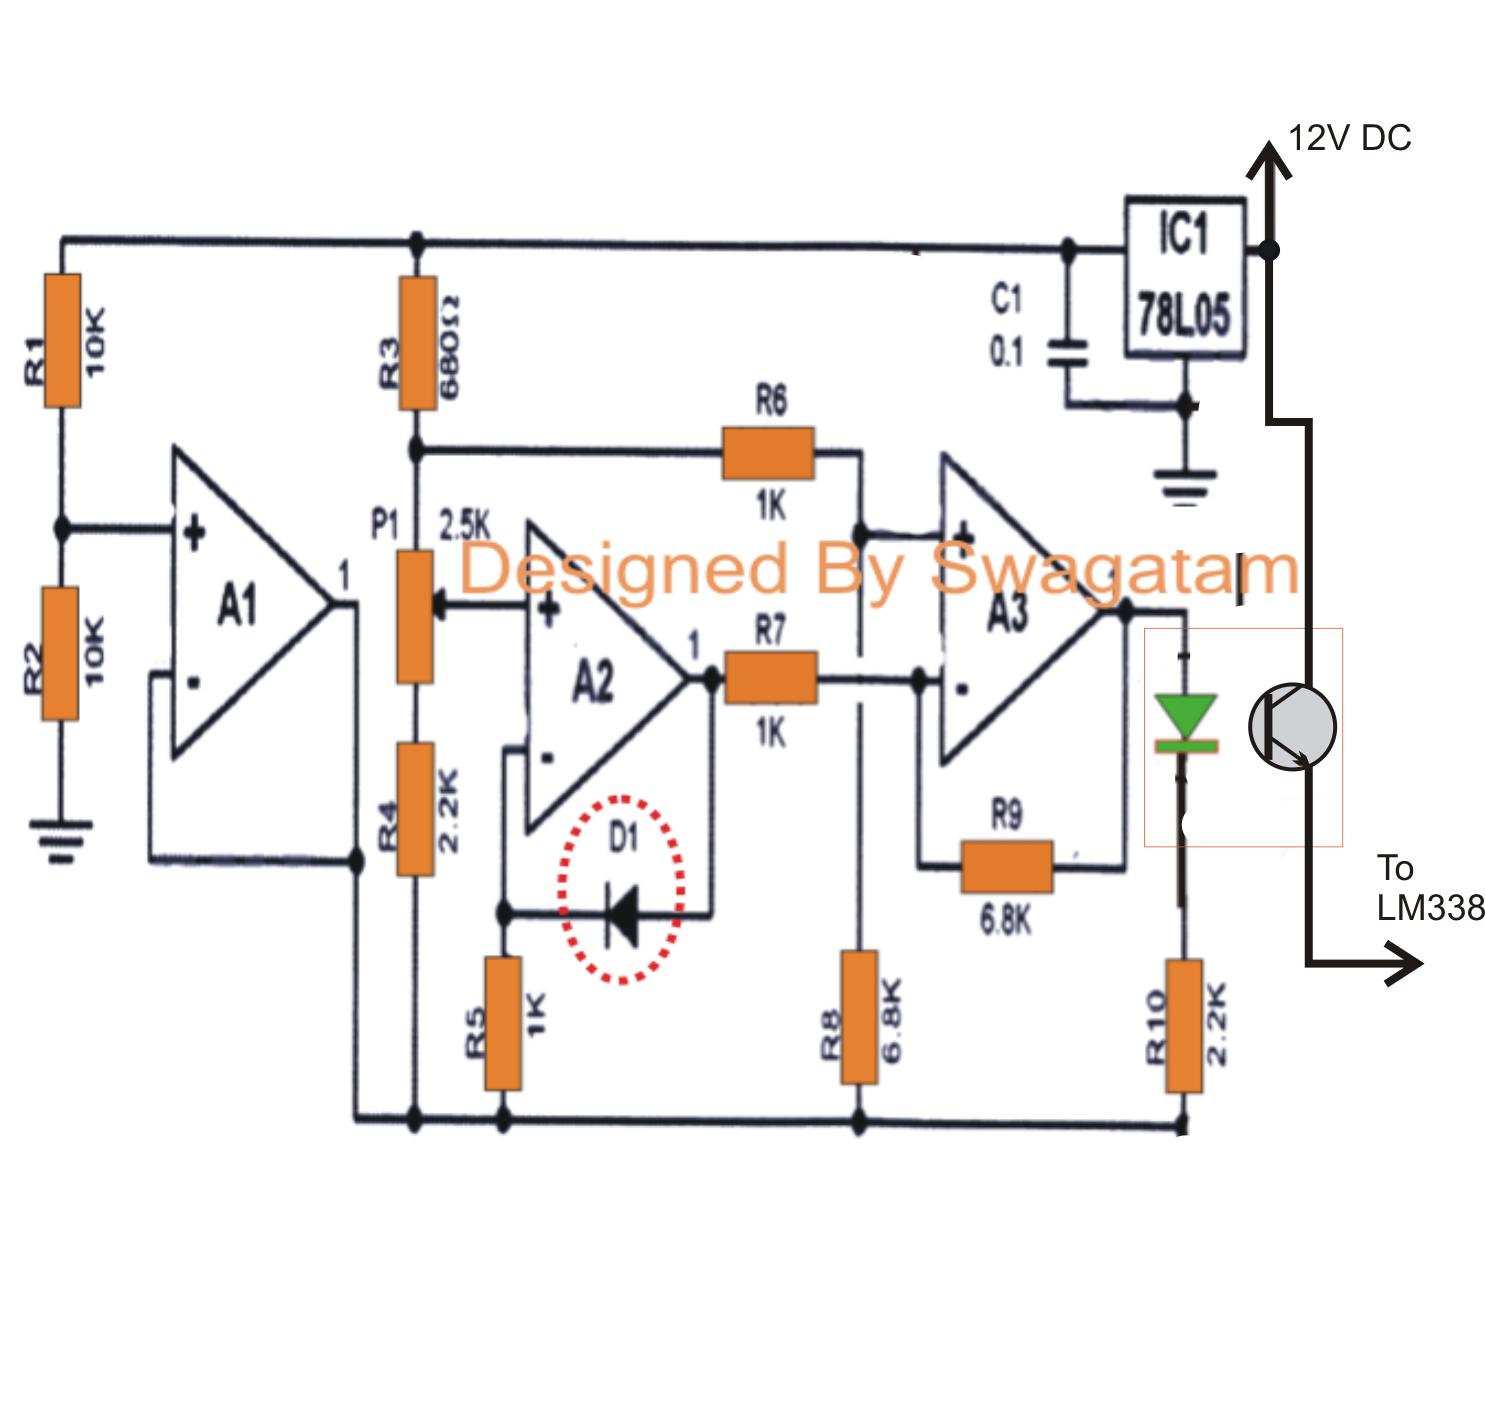 Digital Thermometer Circuit Diagram Using Ic741